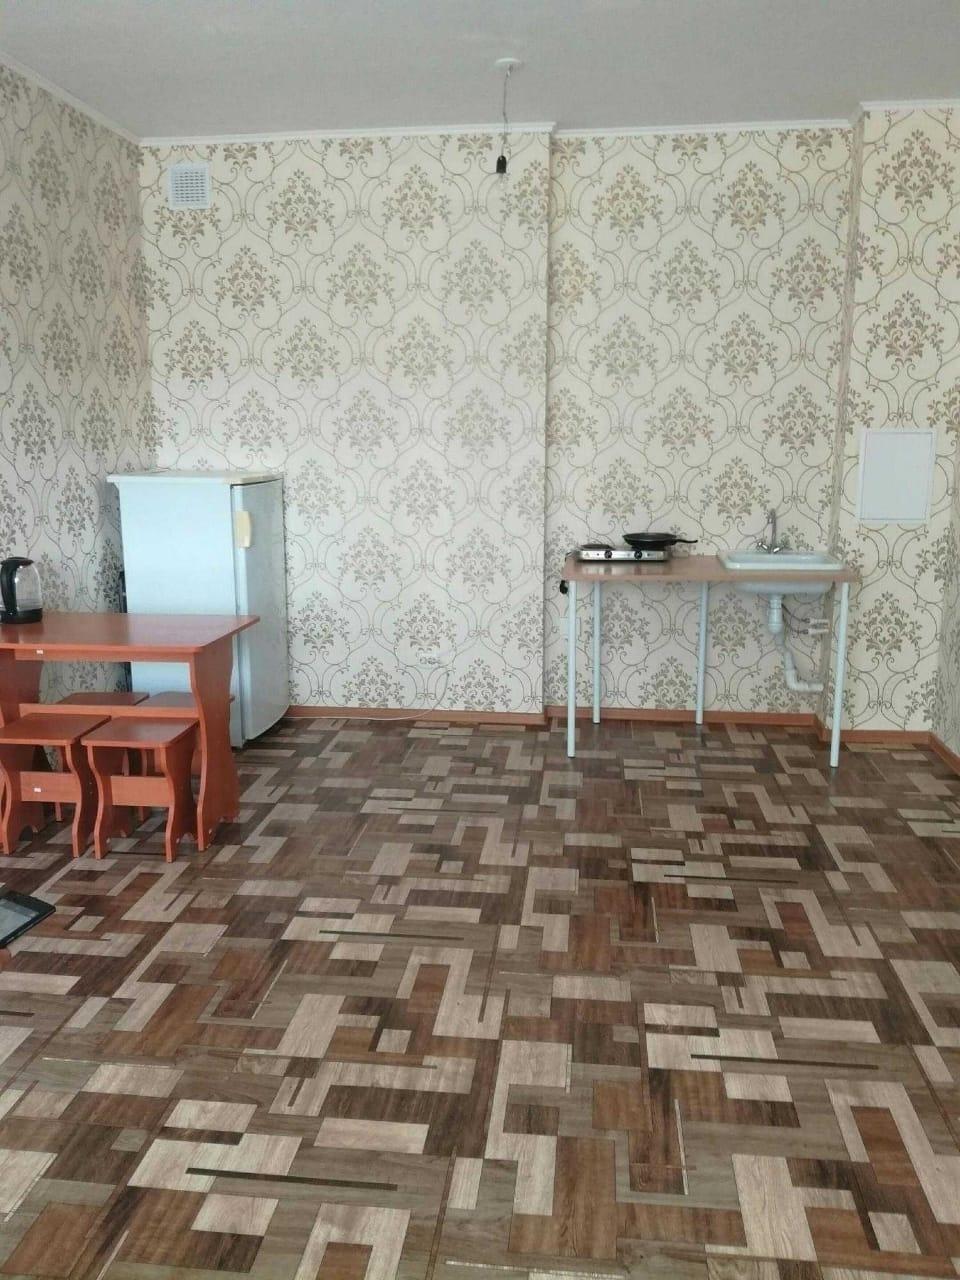 2к квартира Ярыгинская набережная, 5 | 16000 | аренда в Красноярске фото 7